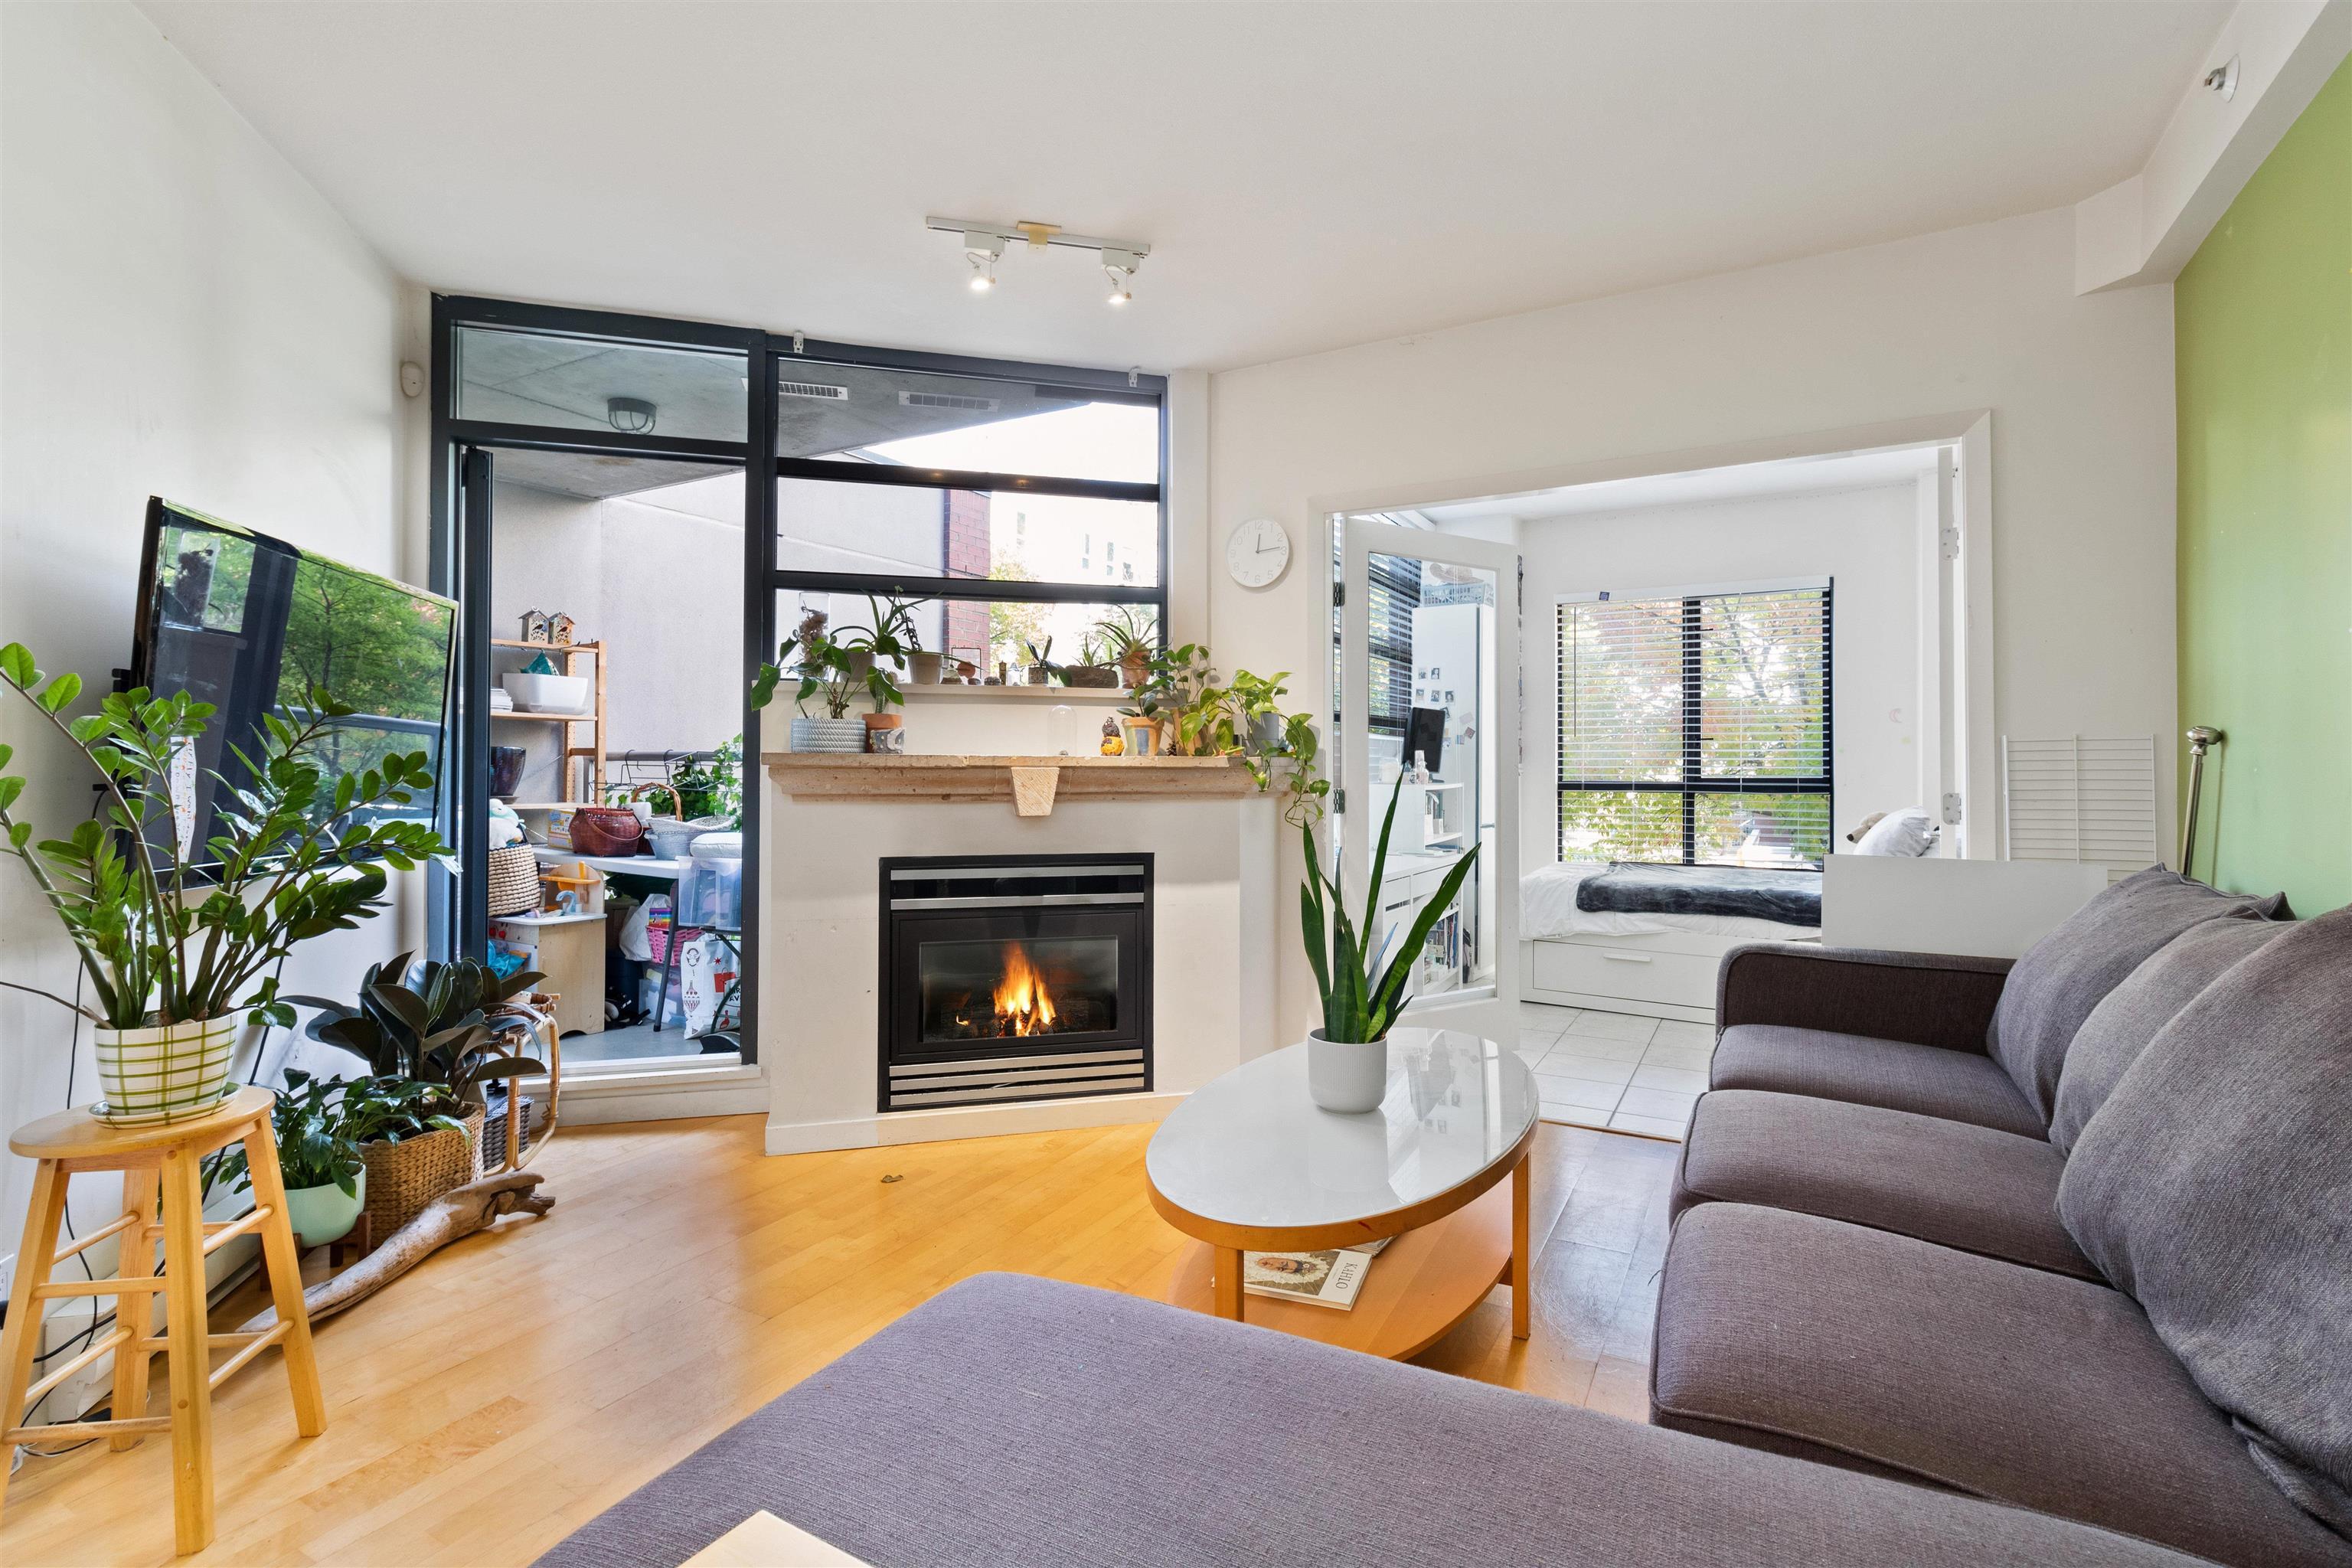 209 2228 MARSTRAND AVENUE - Kitsilano Apartment/Condo for sale, 1 Bedroom (R2617246) - #4